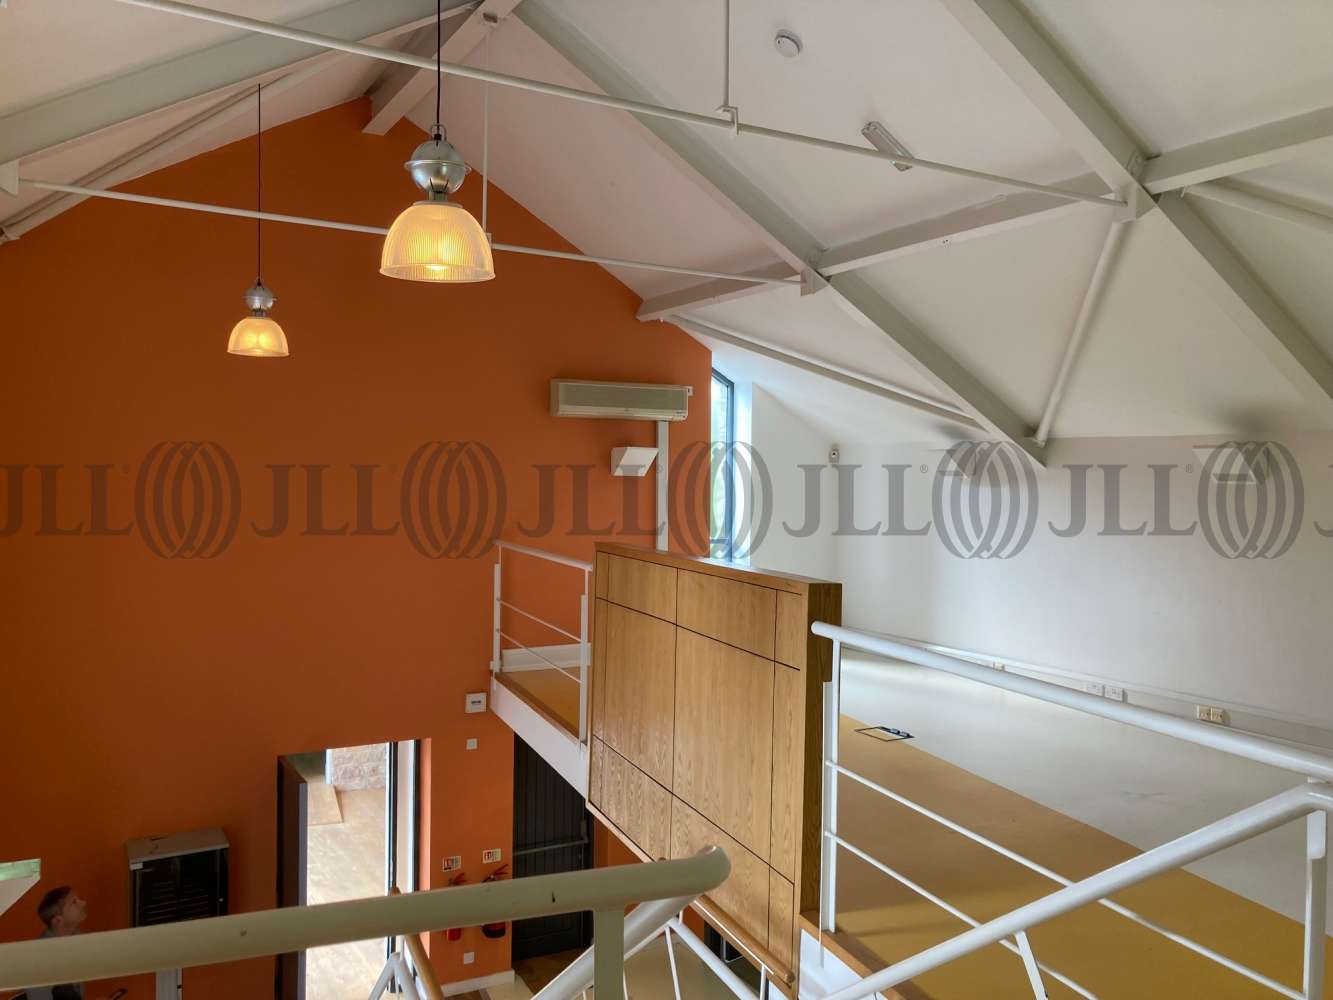 Office Chorley, whittle-le-woods, PR6 7HG - Crosses Barn